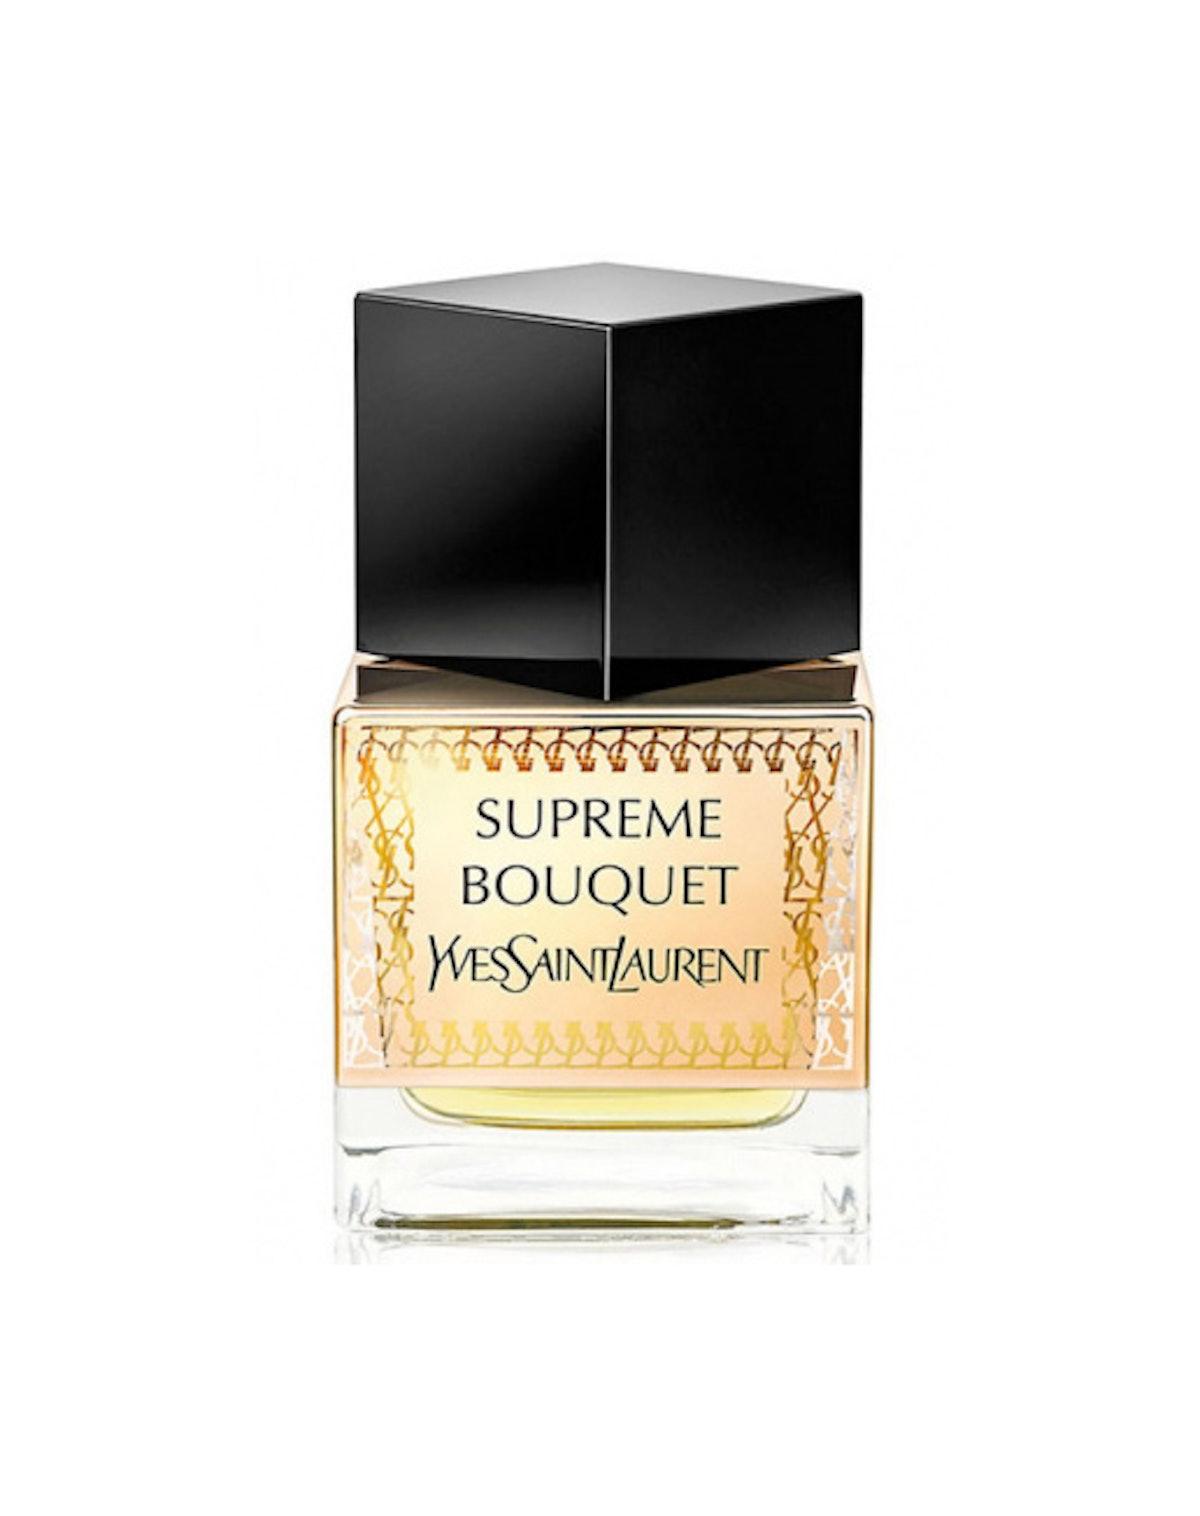 Yves Saint Laurent Supreme Bouquet